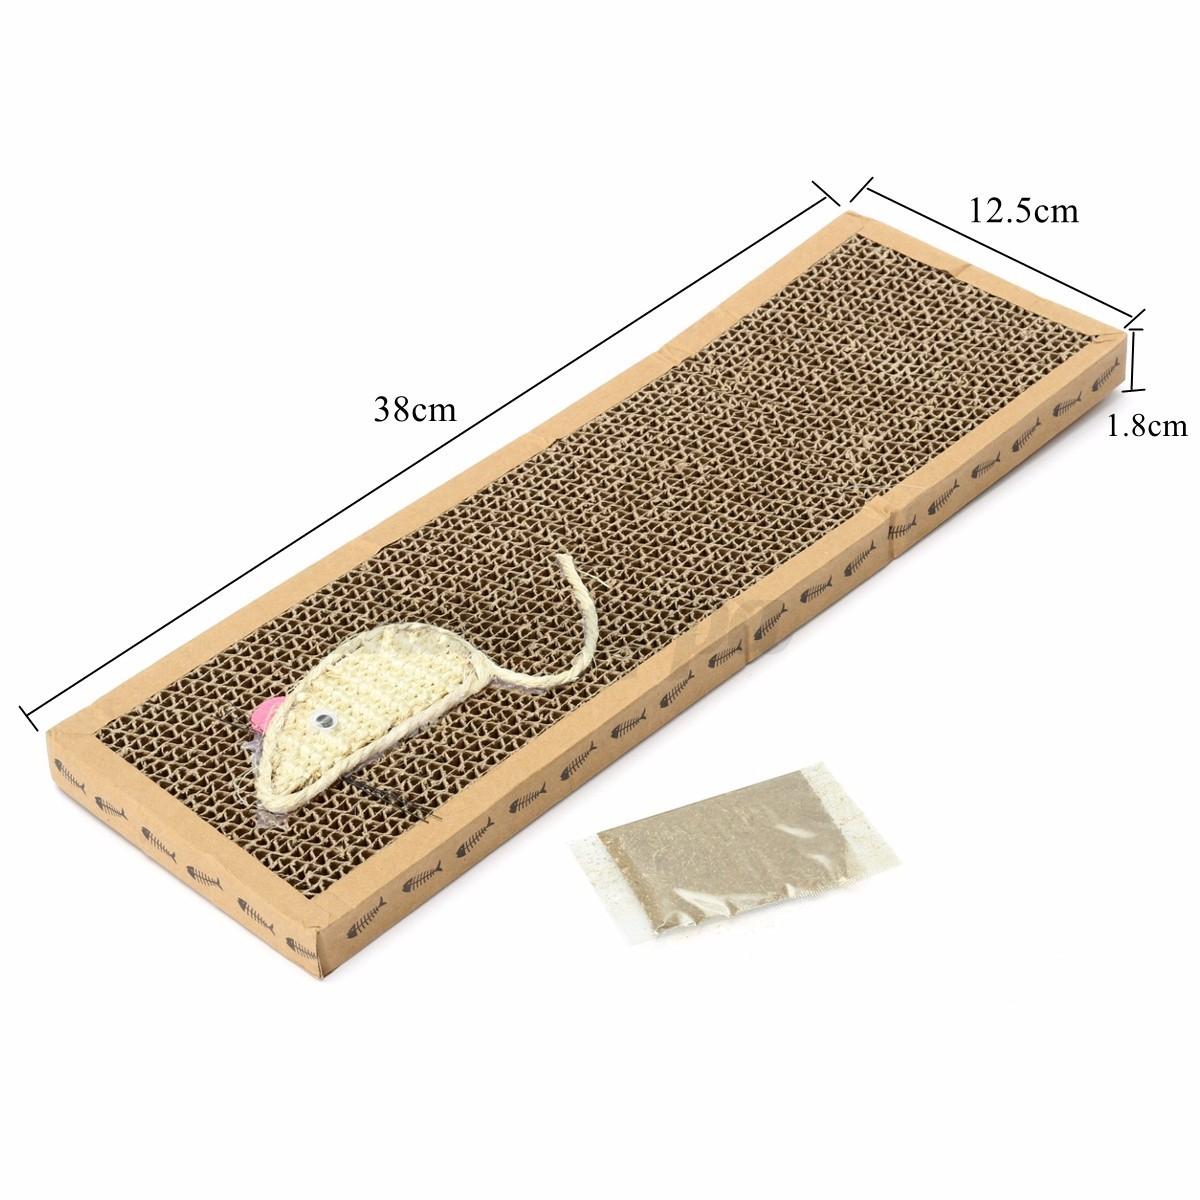 Pet cat scratching pad mat flat board bed scratcher post pole catnip play toy ebay - Cat bed scratcher ...